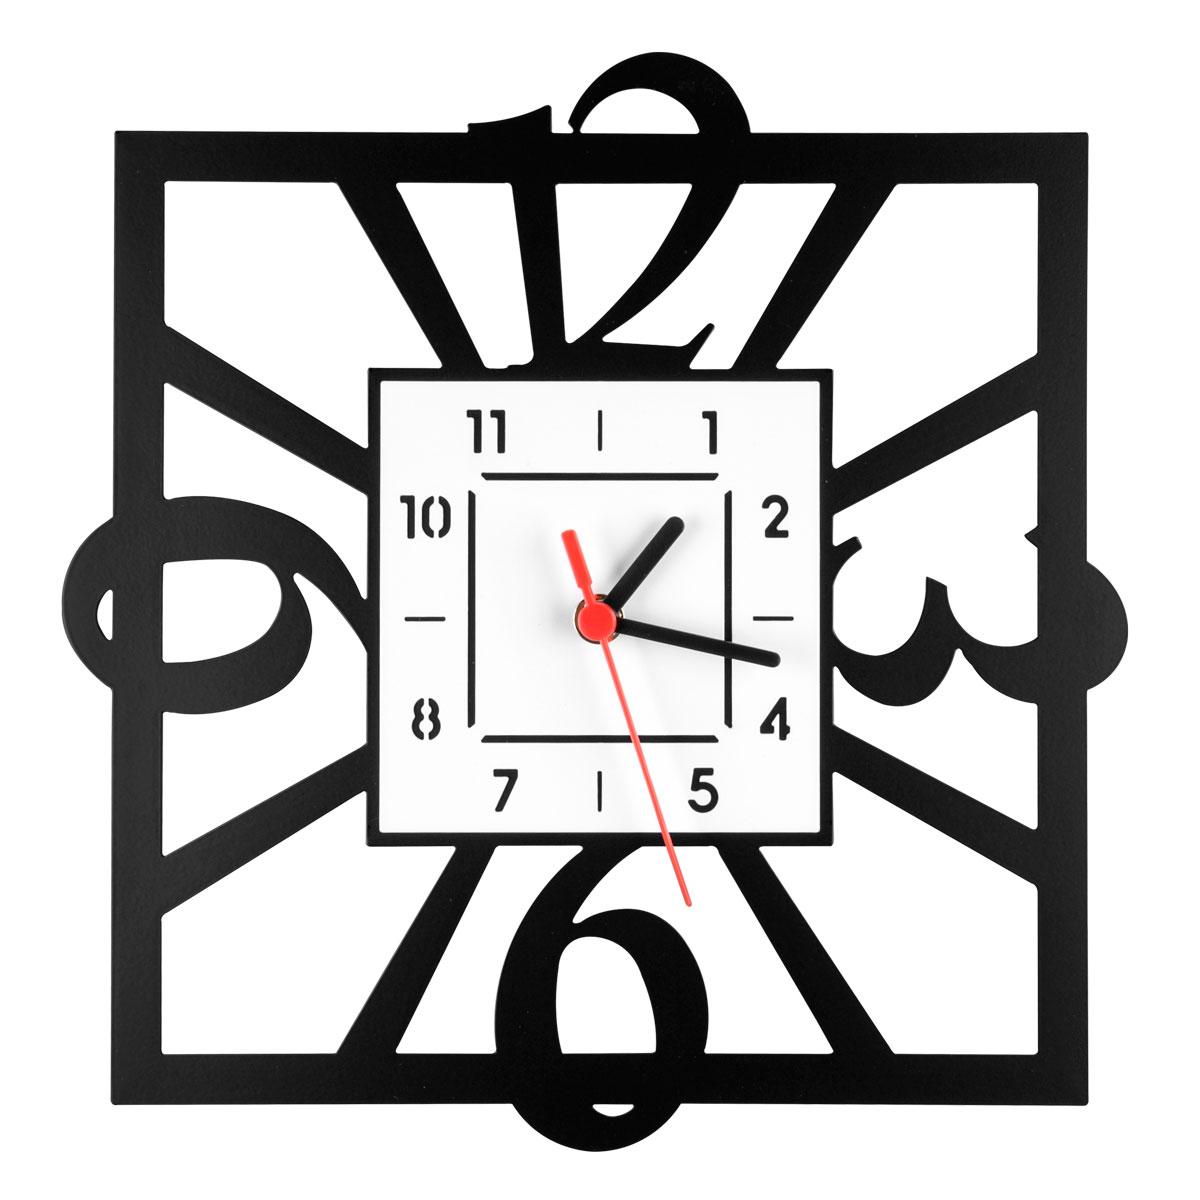 Часы настенные Miolla Квадратные, цвет: белый, черный94672Оригинальные настенные часы круглой формы выполнены из стали. Часы имеют три стрелки - часовую, минутную и секундную и циферблат с цифрами. Необычное дизайнерское решение и качество исполнения придутся по вкусу каждому. Оформите свой дом таким интерьерным аксессуаром или преподнесите его в качестве презента друзьям, и они оценят ваш оригинальный вкус и неординарность подарка.